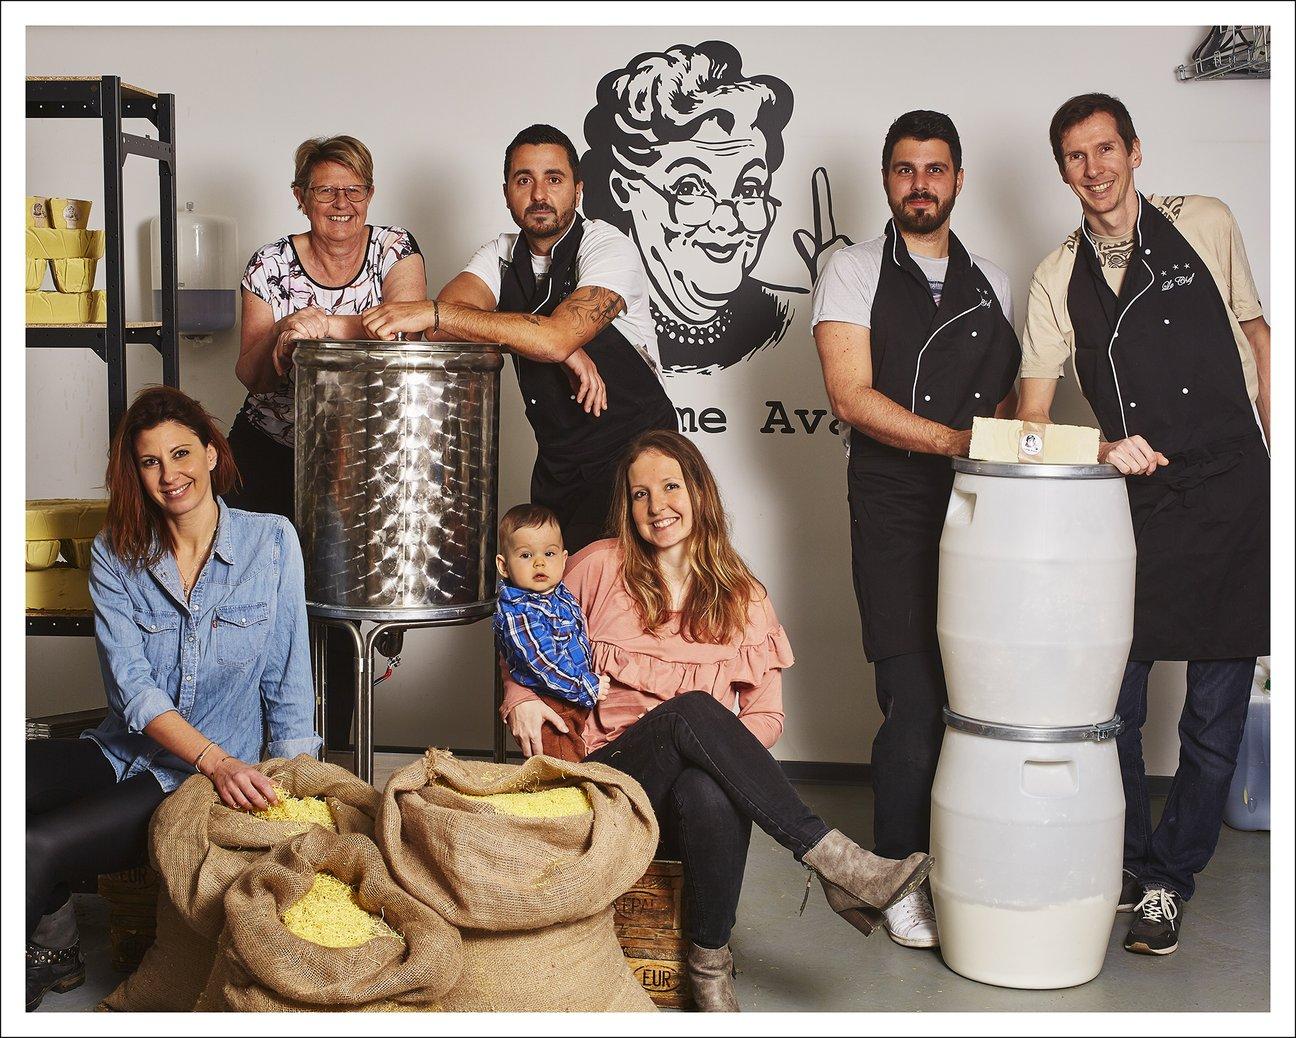 Famille-CommeAvant_